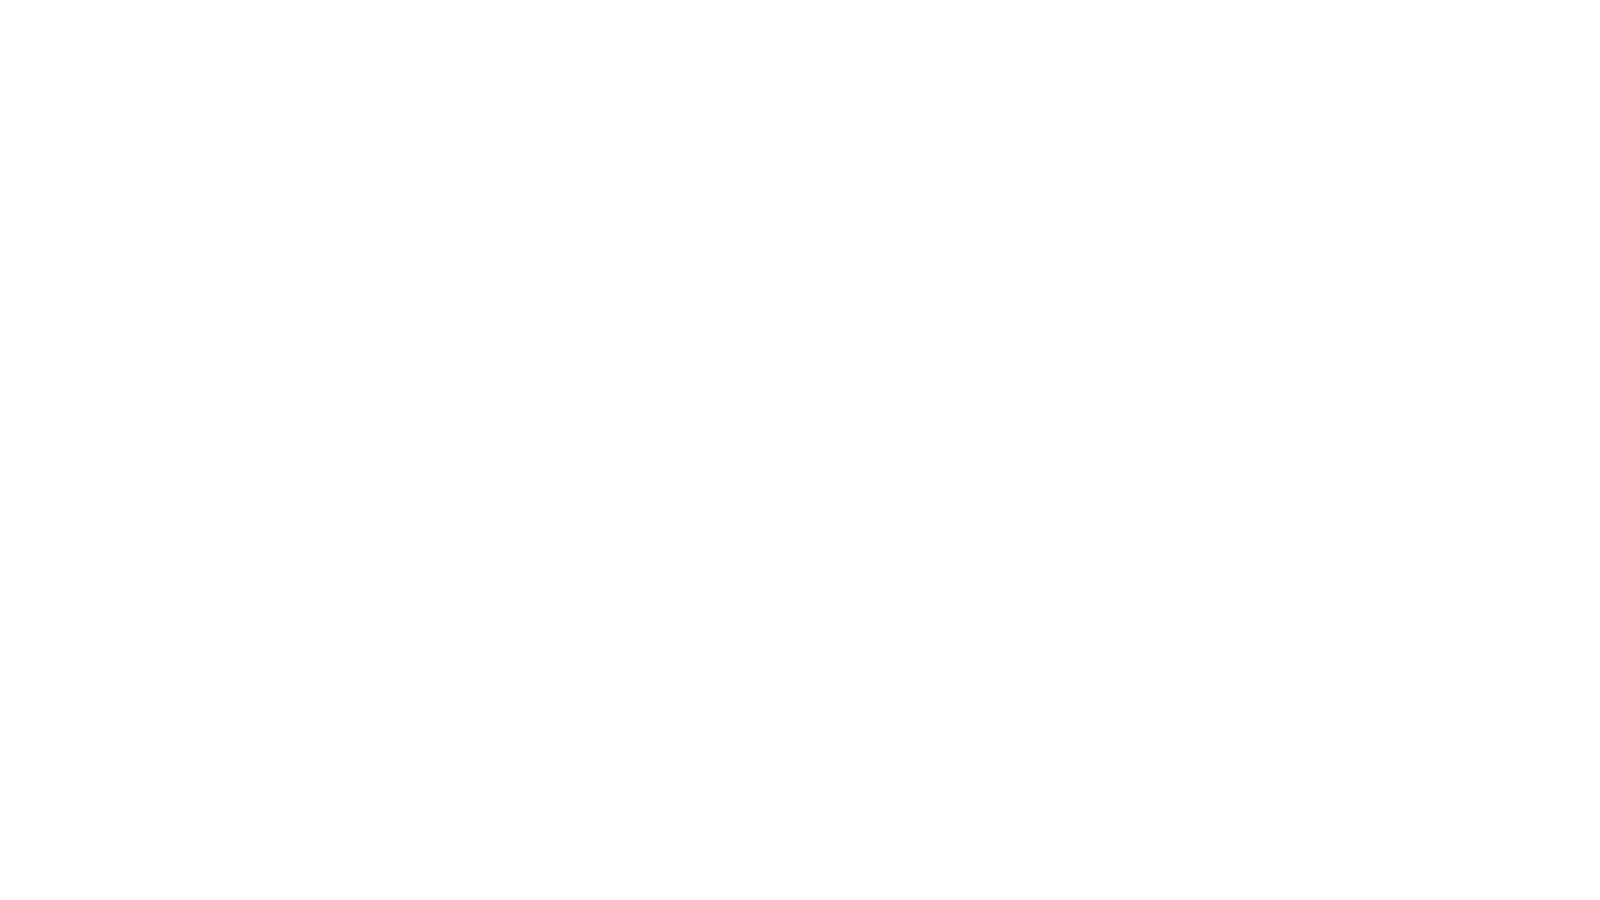 En este breve vídeo cuento mi experiencia tras un mes de uso con el Asus Zenfone 7 Pro, el hermano del Asus Rog Phone 3 con el que comparte muchas similitudes. Link al teléfono: https://amzn.to/3ln93Jc Equipo con el que se ha editado este vídeo: ► Procesador Ryzen 5 3600: https://amzn.to/2XNxzKY ► Tarjeta gráfica: https://amzn.to/2TeYdcD ► Memoria RAM 32GB DDR4 3200MHz: https://amzn.to/3h7Iw1D ► Placa base: https://amzn.to/3dP90nc ► Disco duro SSD 240GB: https://amzn.to/3dQAloi ► Disco duro HDD 1TB: https://amzn.to/30q1bzG ► Caja: https://amzn.to/37smKDe ► Fuente de alimentación: https://amzn.to/3kk5hk5 ► Music Credit: - Karl Casey @White Bat Audio - Track: Inception www.youtube.com/watch?v=_L-rn7j3N6Y&ab_channel=WhiteBatAudioWhiteBatAudio